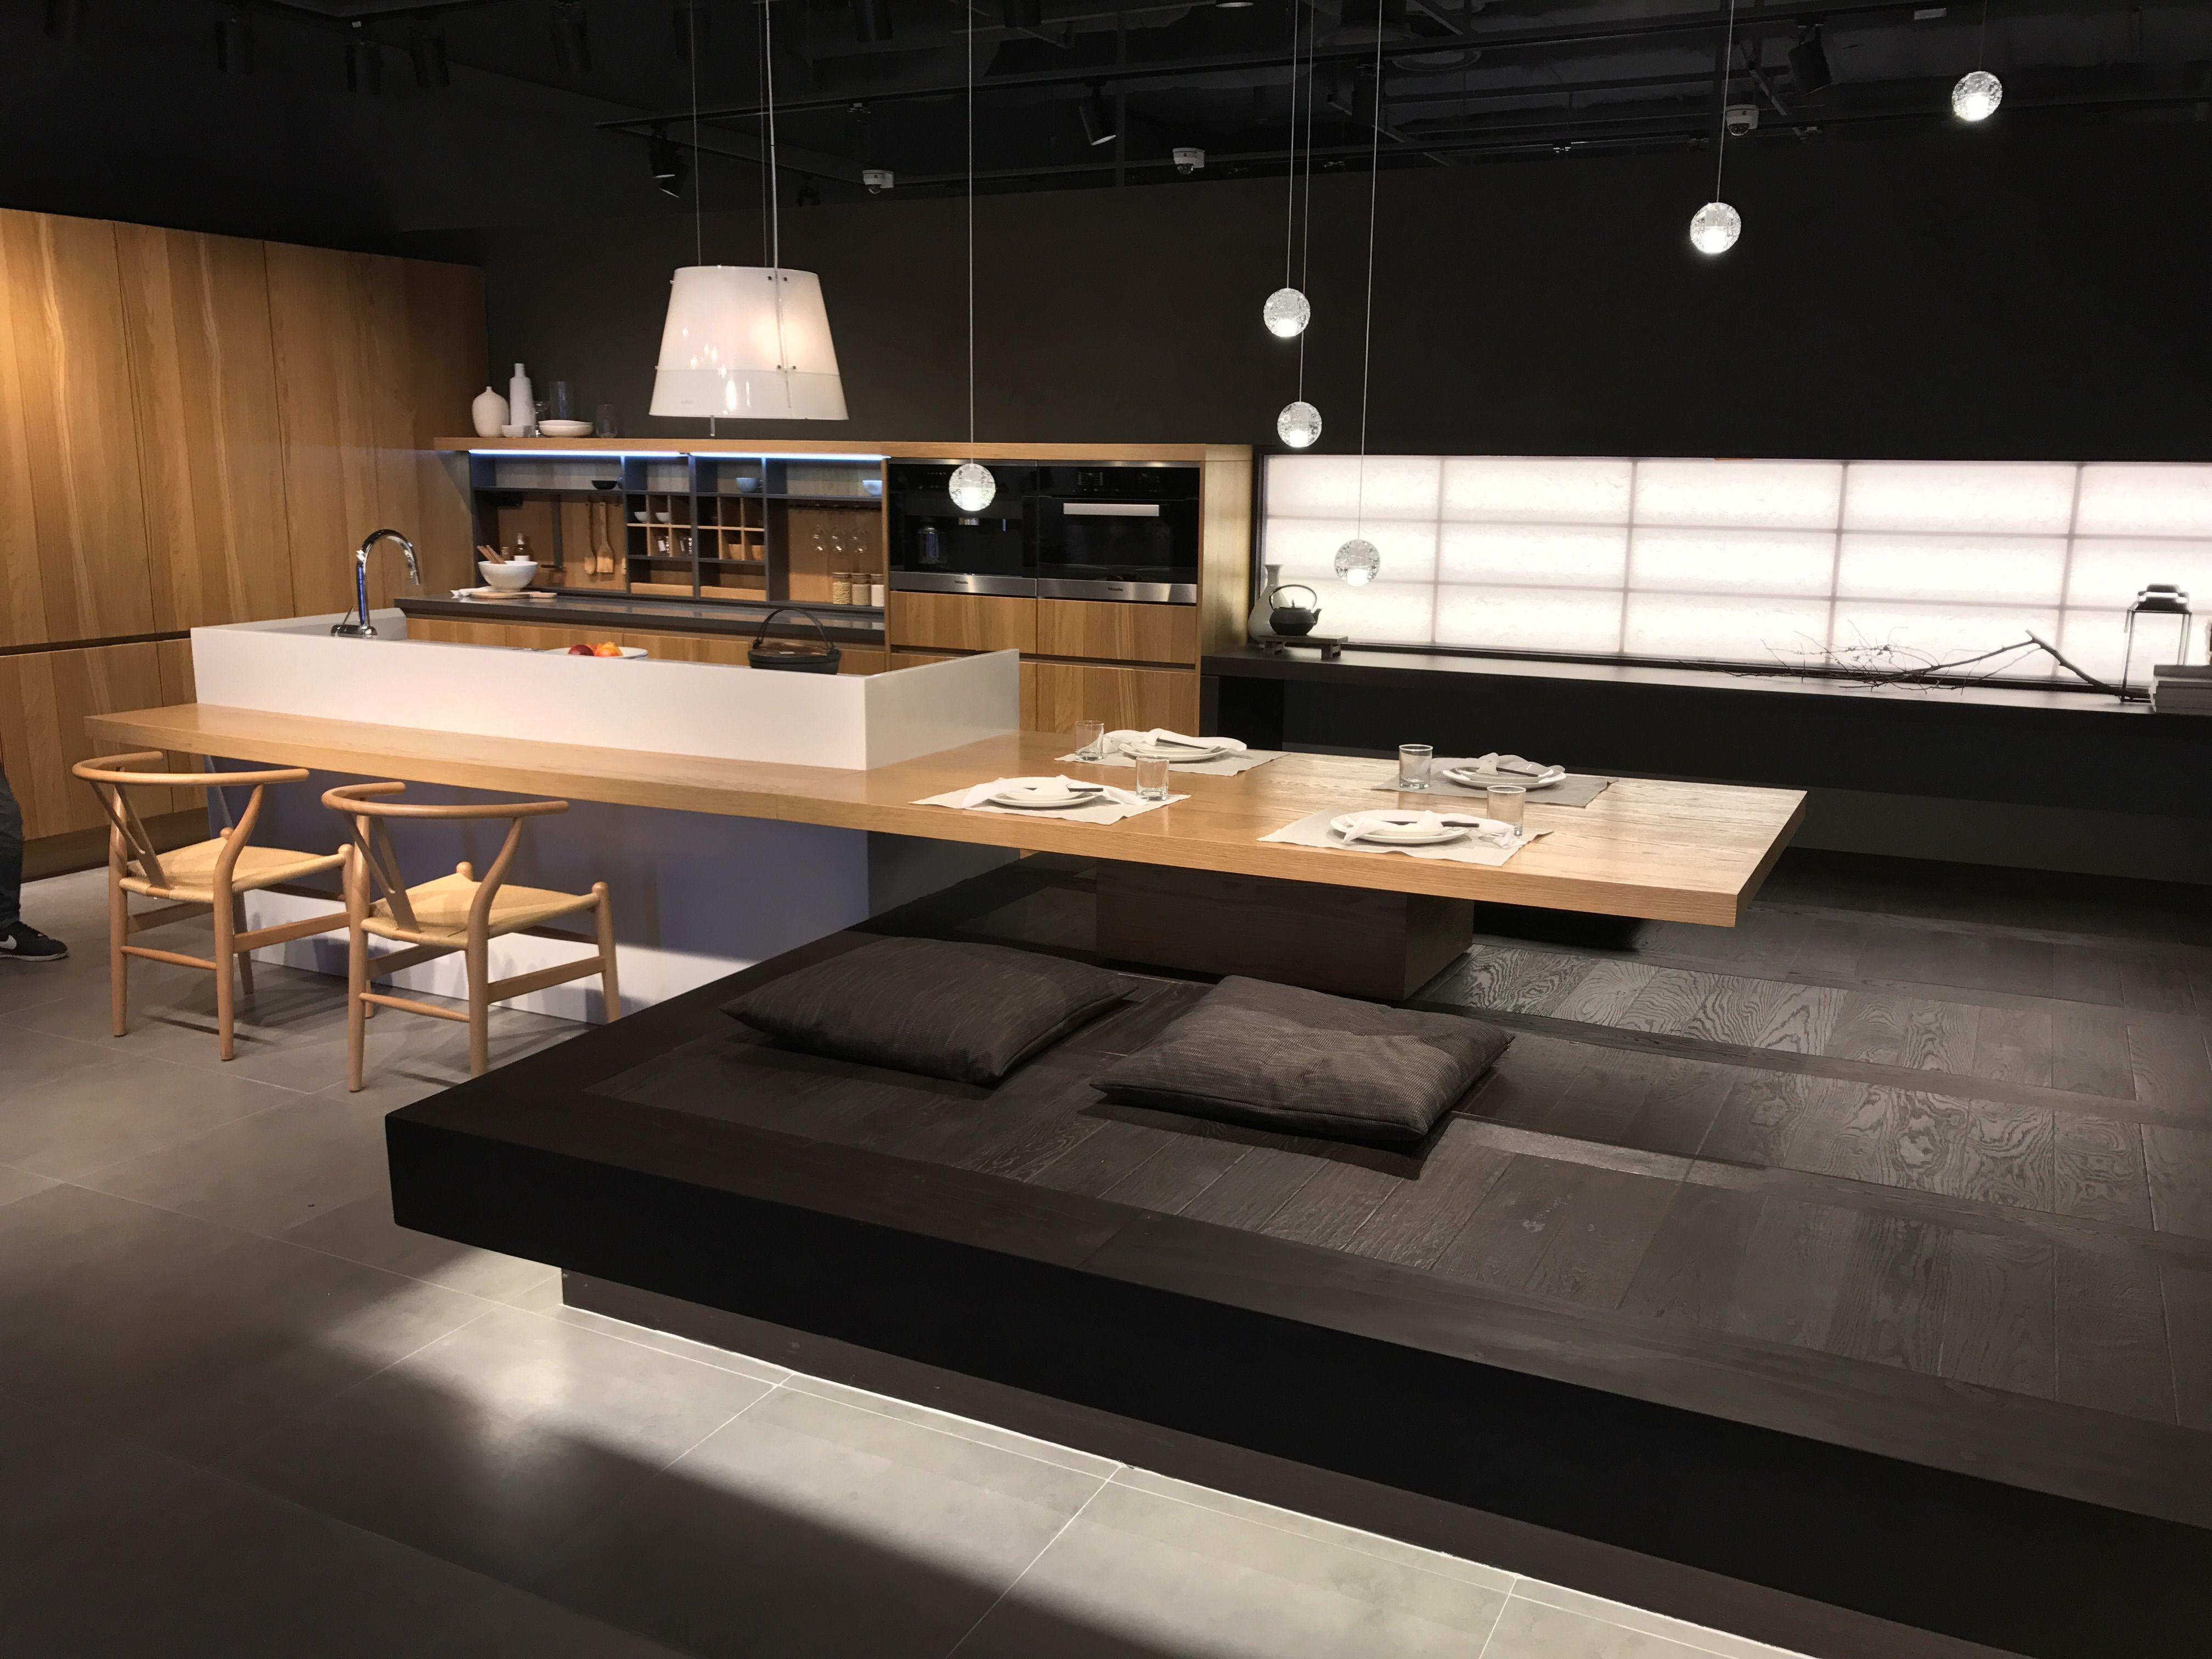 Mason De Kitchenbach. World Best Kitchen Brand. Kitchenbach. Kitchen Design.